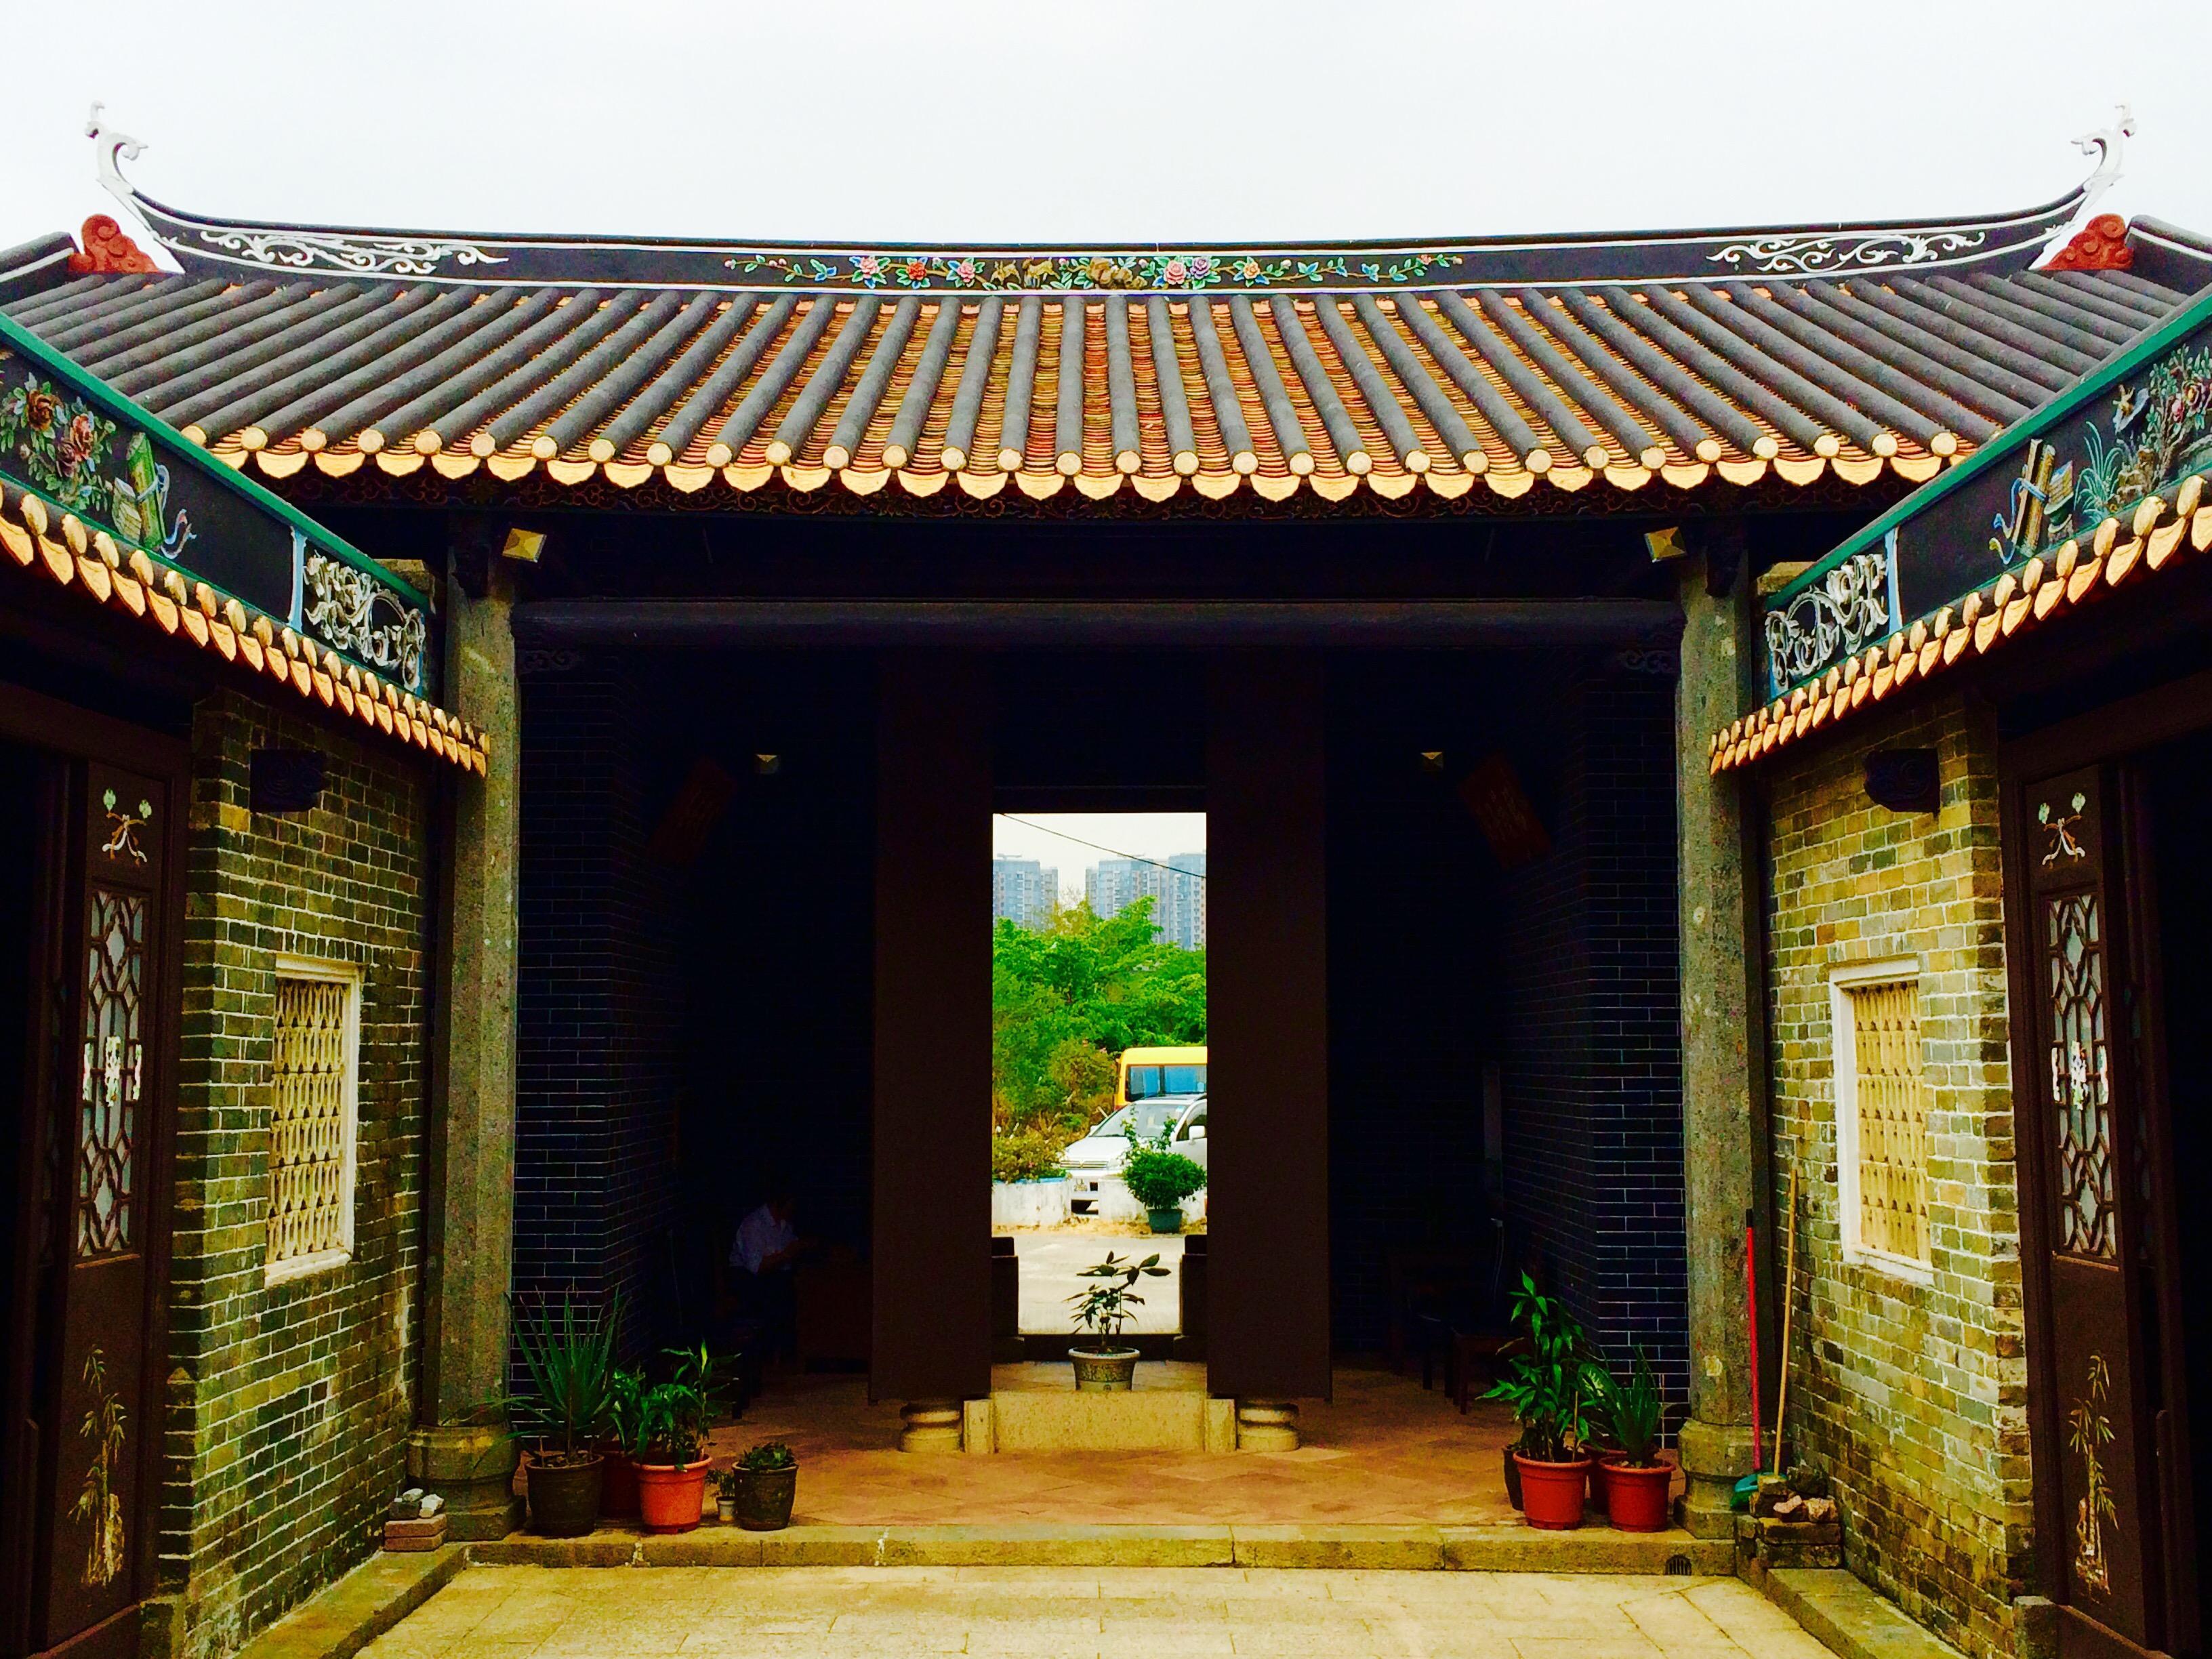 New Territories temple door view & New Territories temple door view -